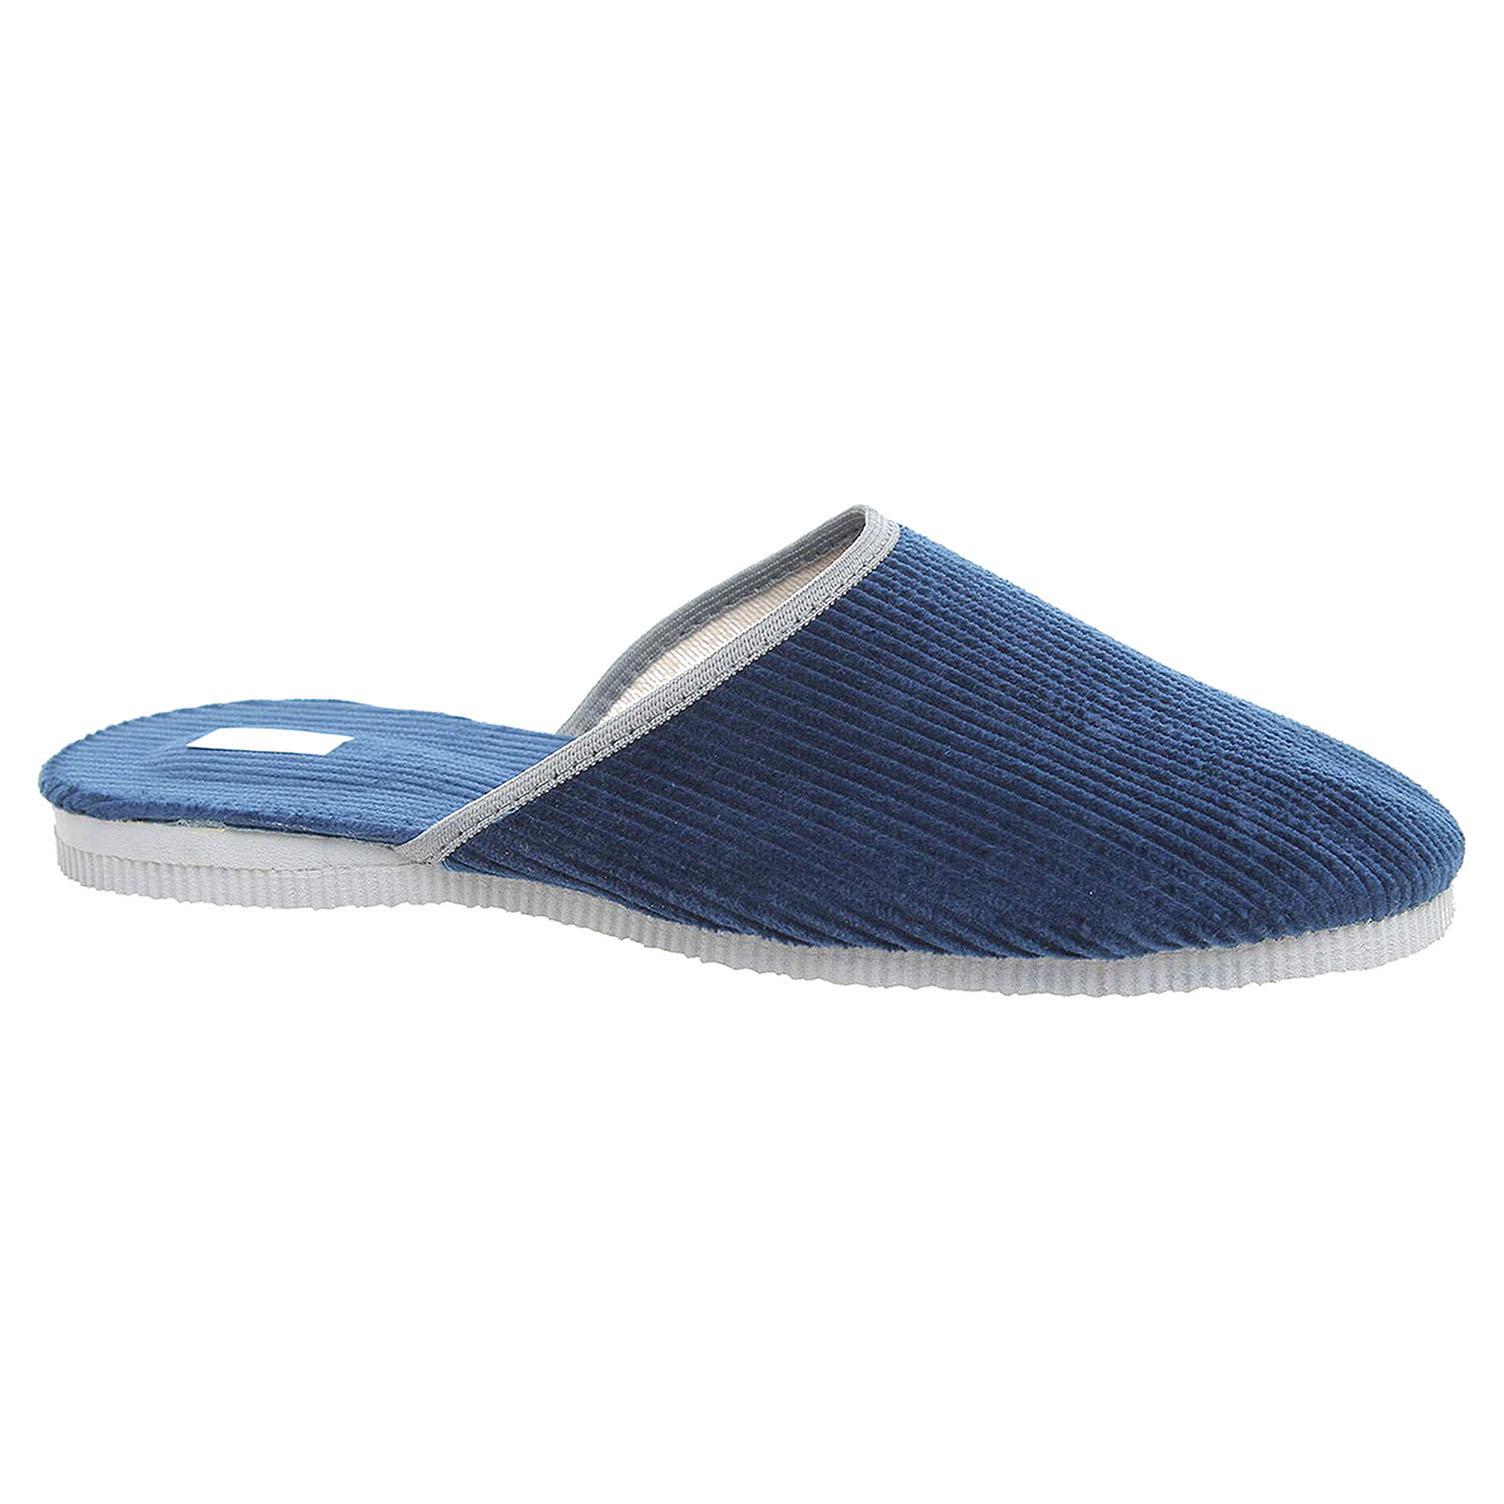 Pánské domácí pantofle Pegres 1009.00 modrá 41